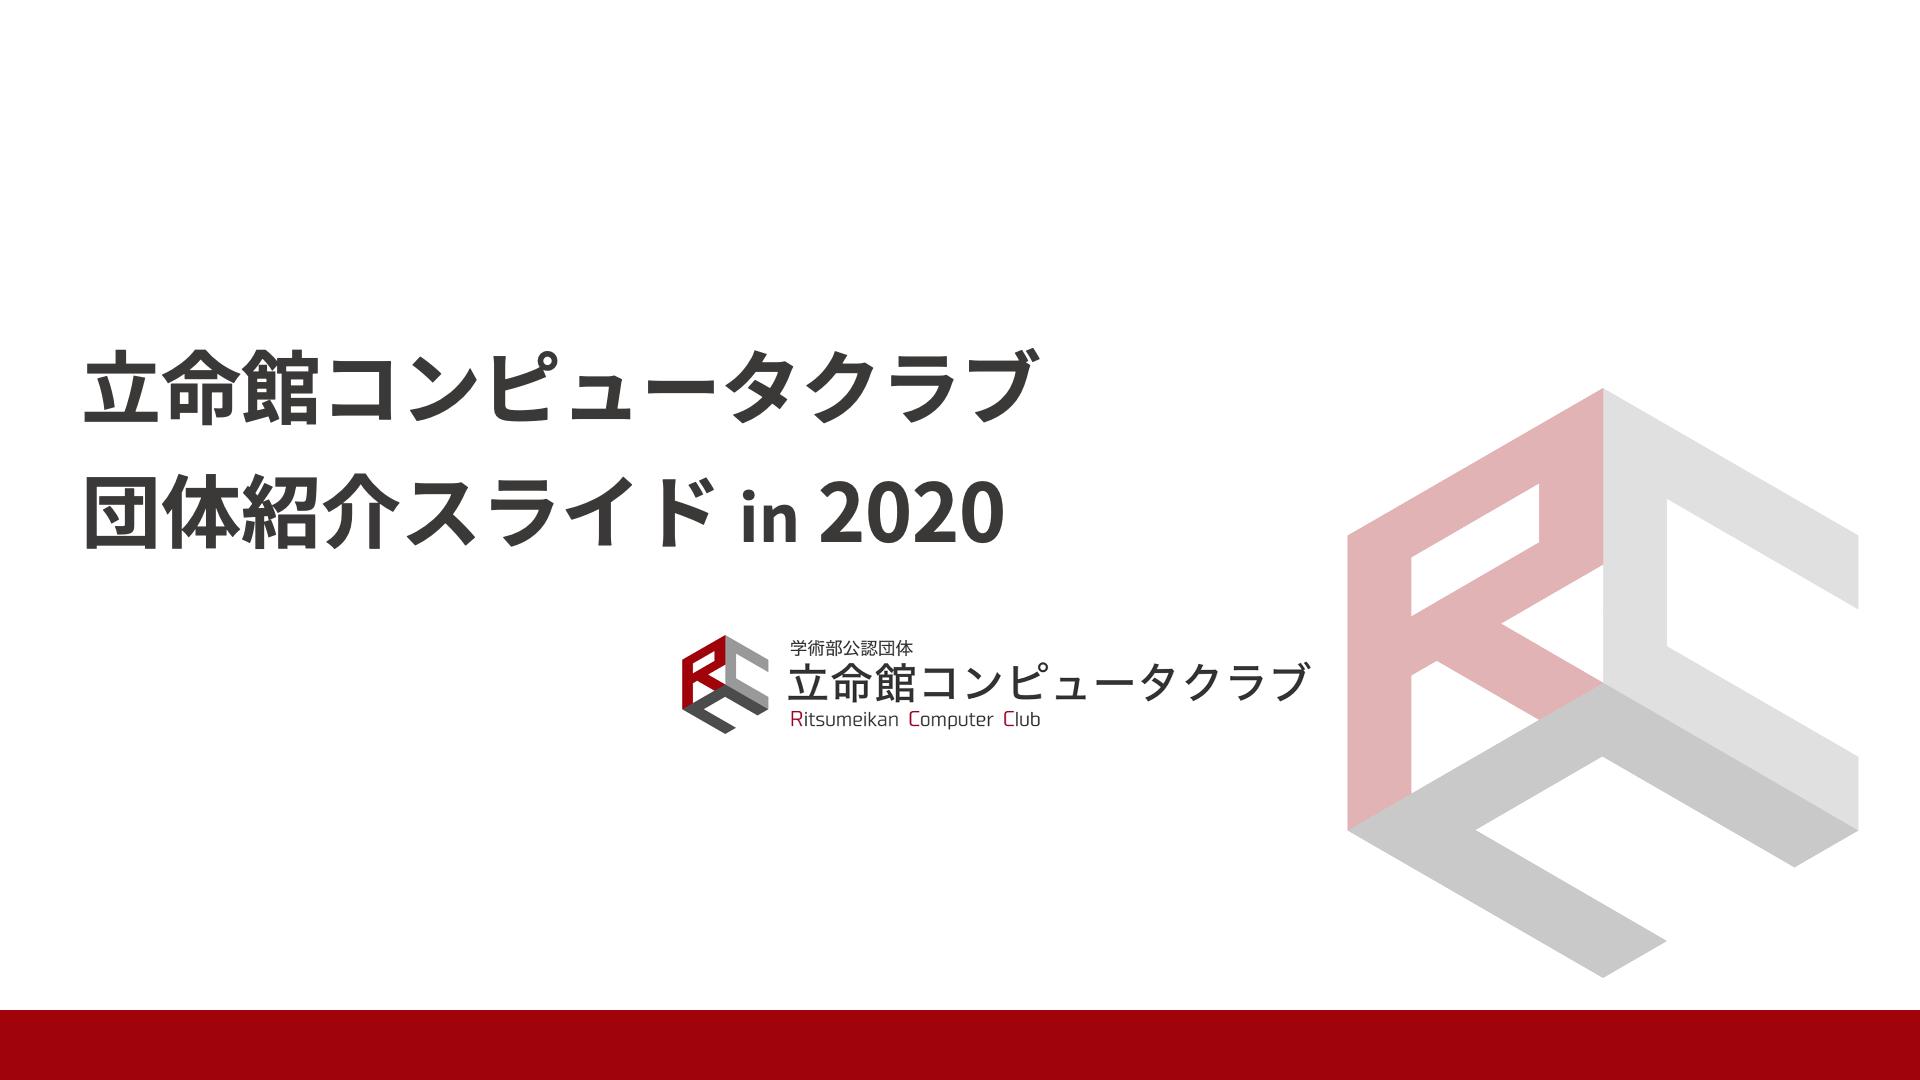 RCC団体紹介スライド2020を特別公開!